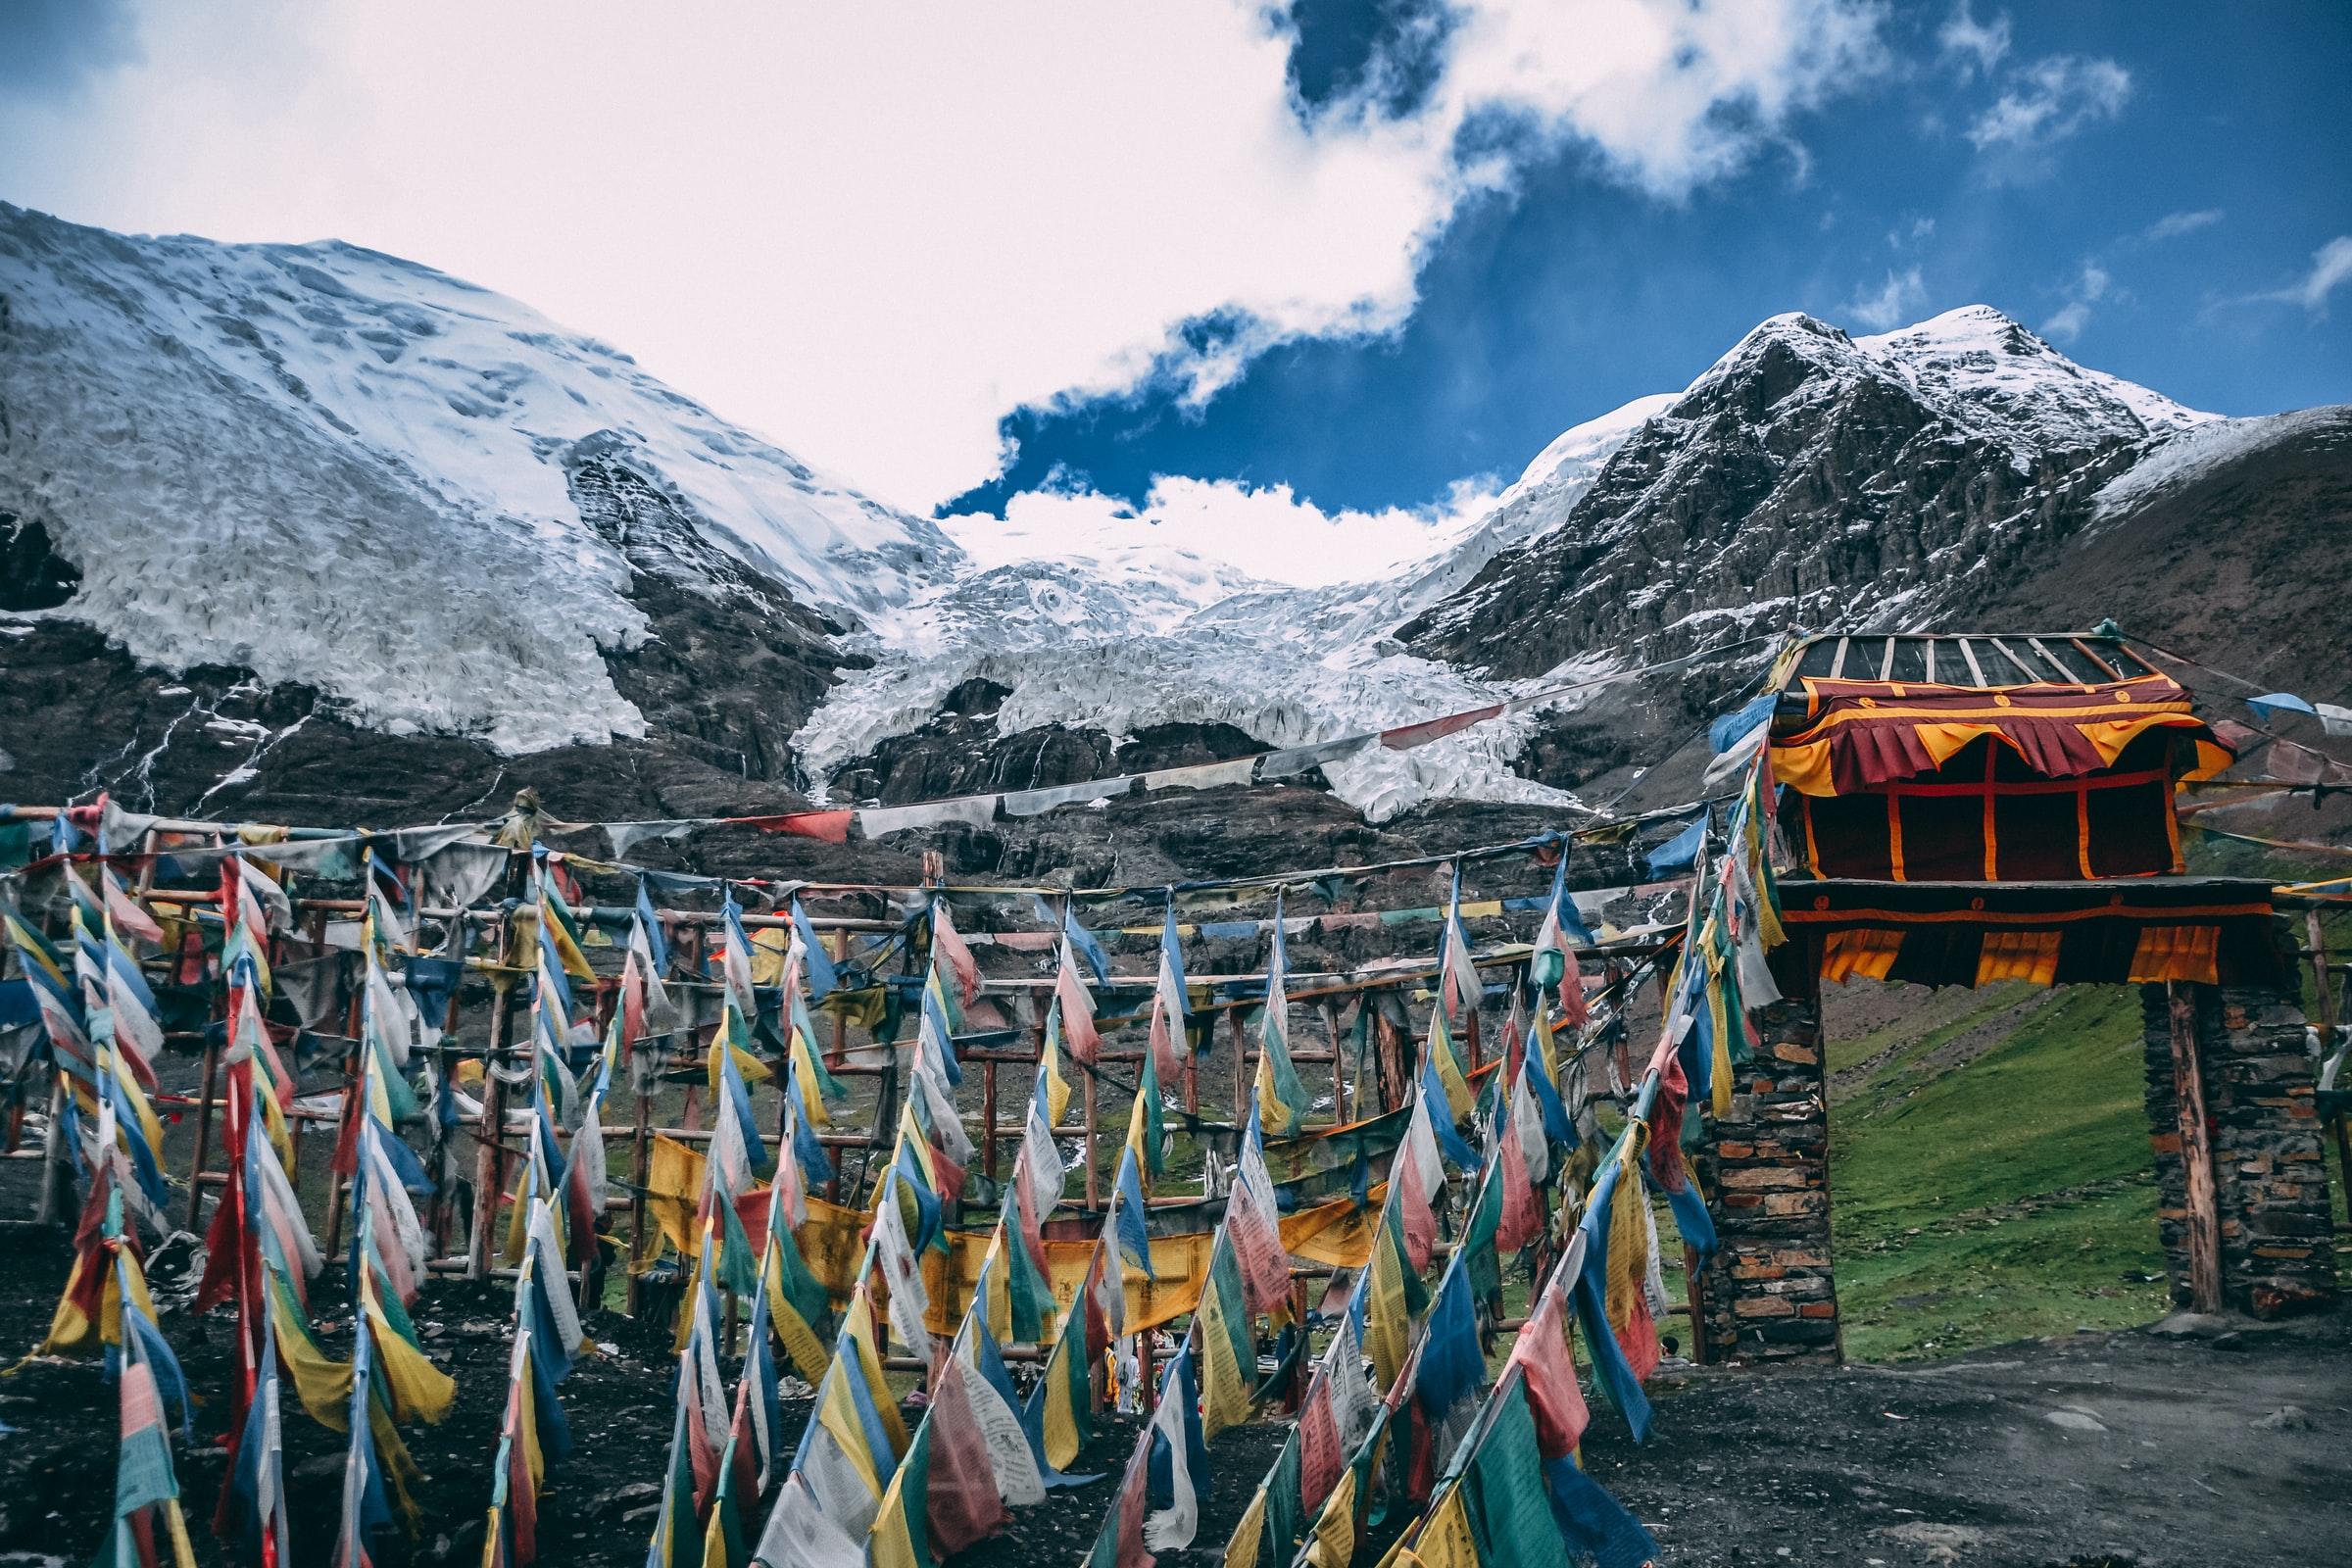 Der 17. Karmapa der Karma-Kagyü-Linie (Tibet) warnt vor missverstandener Angst hinsichtlich der Corona Krise und empfiehlt das 4 Siegel zu kontemplieren.